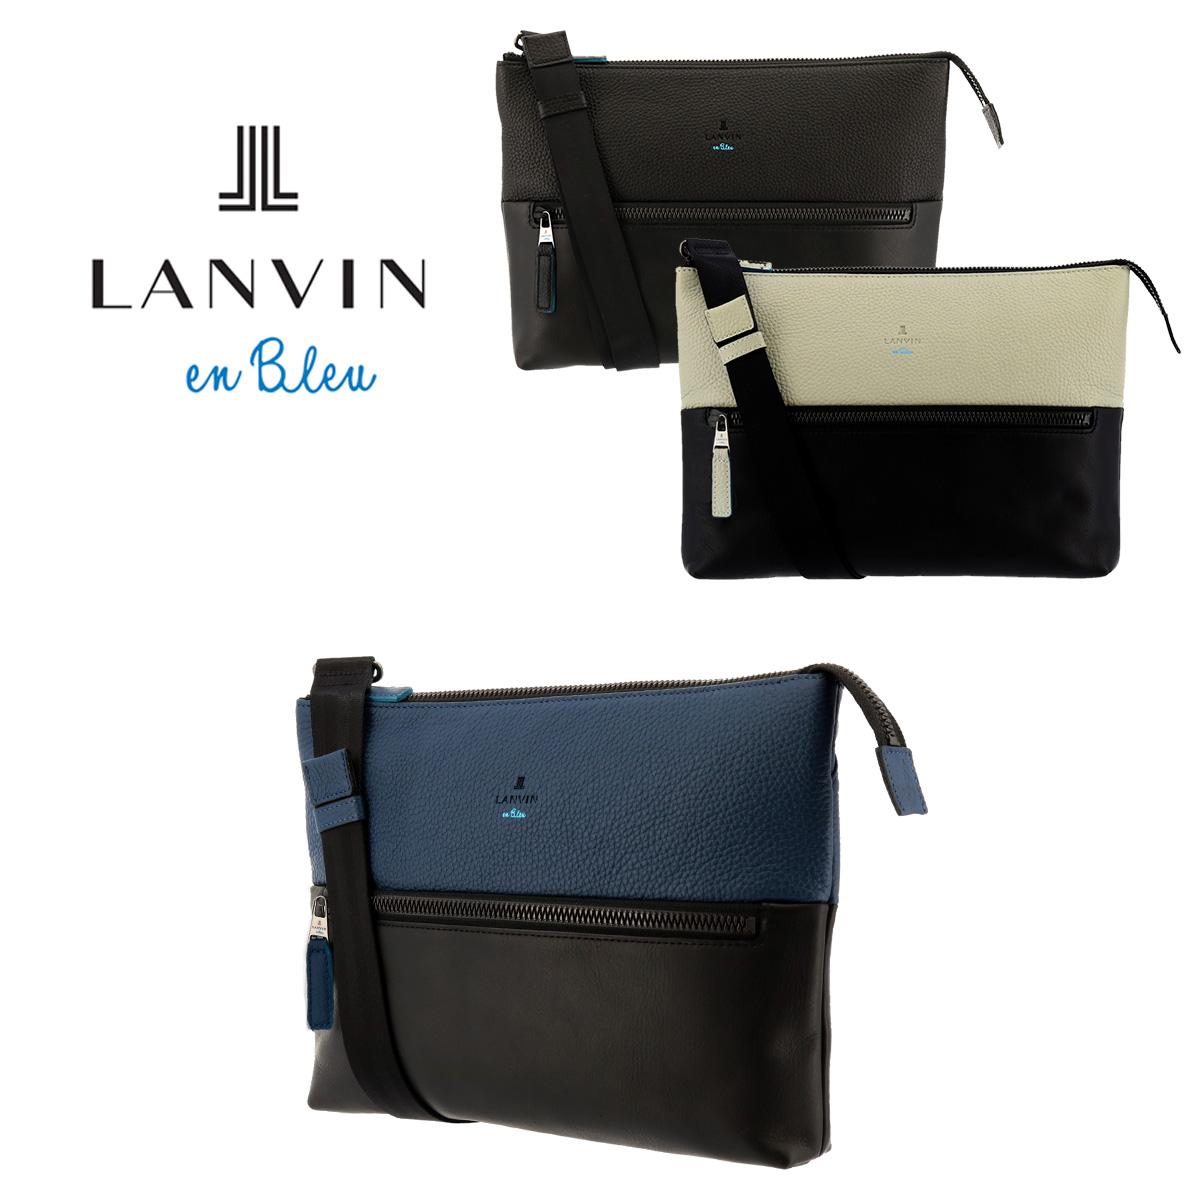 ランバンオンブルー LANVIN en Bleu ショルダーバッグ 574102 フェリチタ 【 クラッチ メンズ 2way 】[bef]